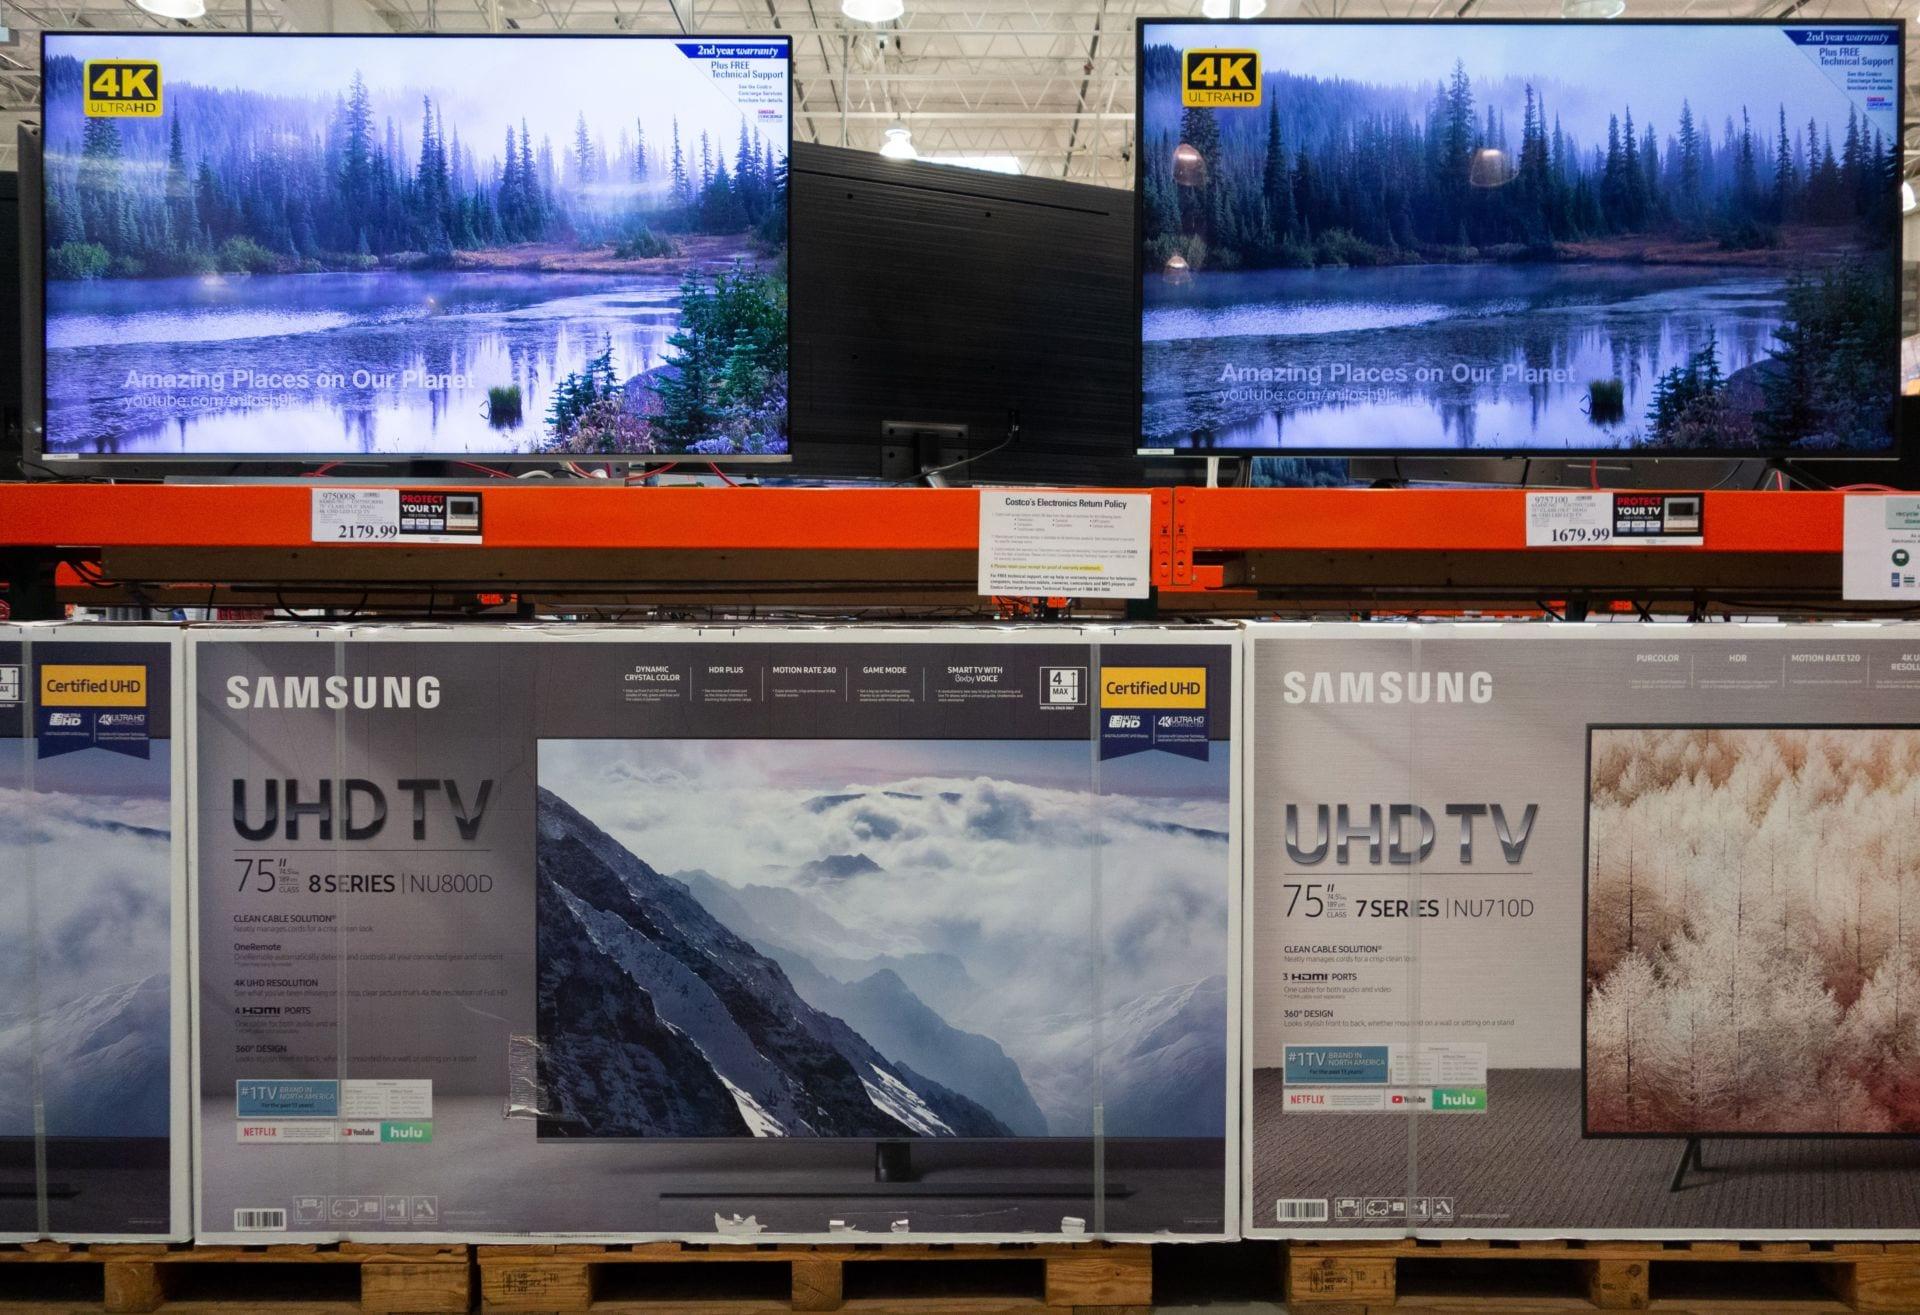 Walmart giảm giá hơn $200 cho TV 4K Samsung 65 inch dịp Lễ